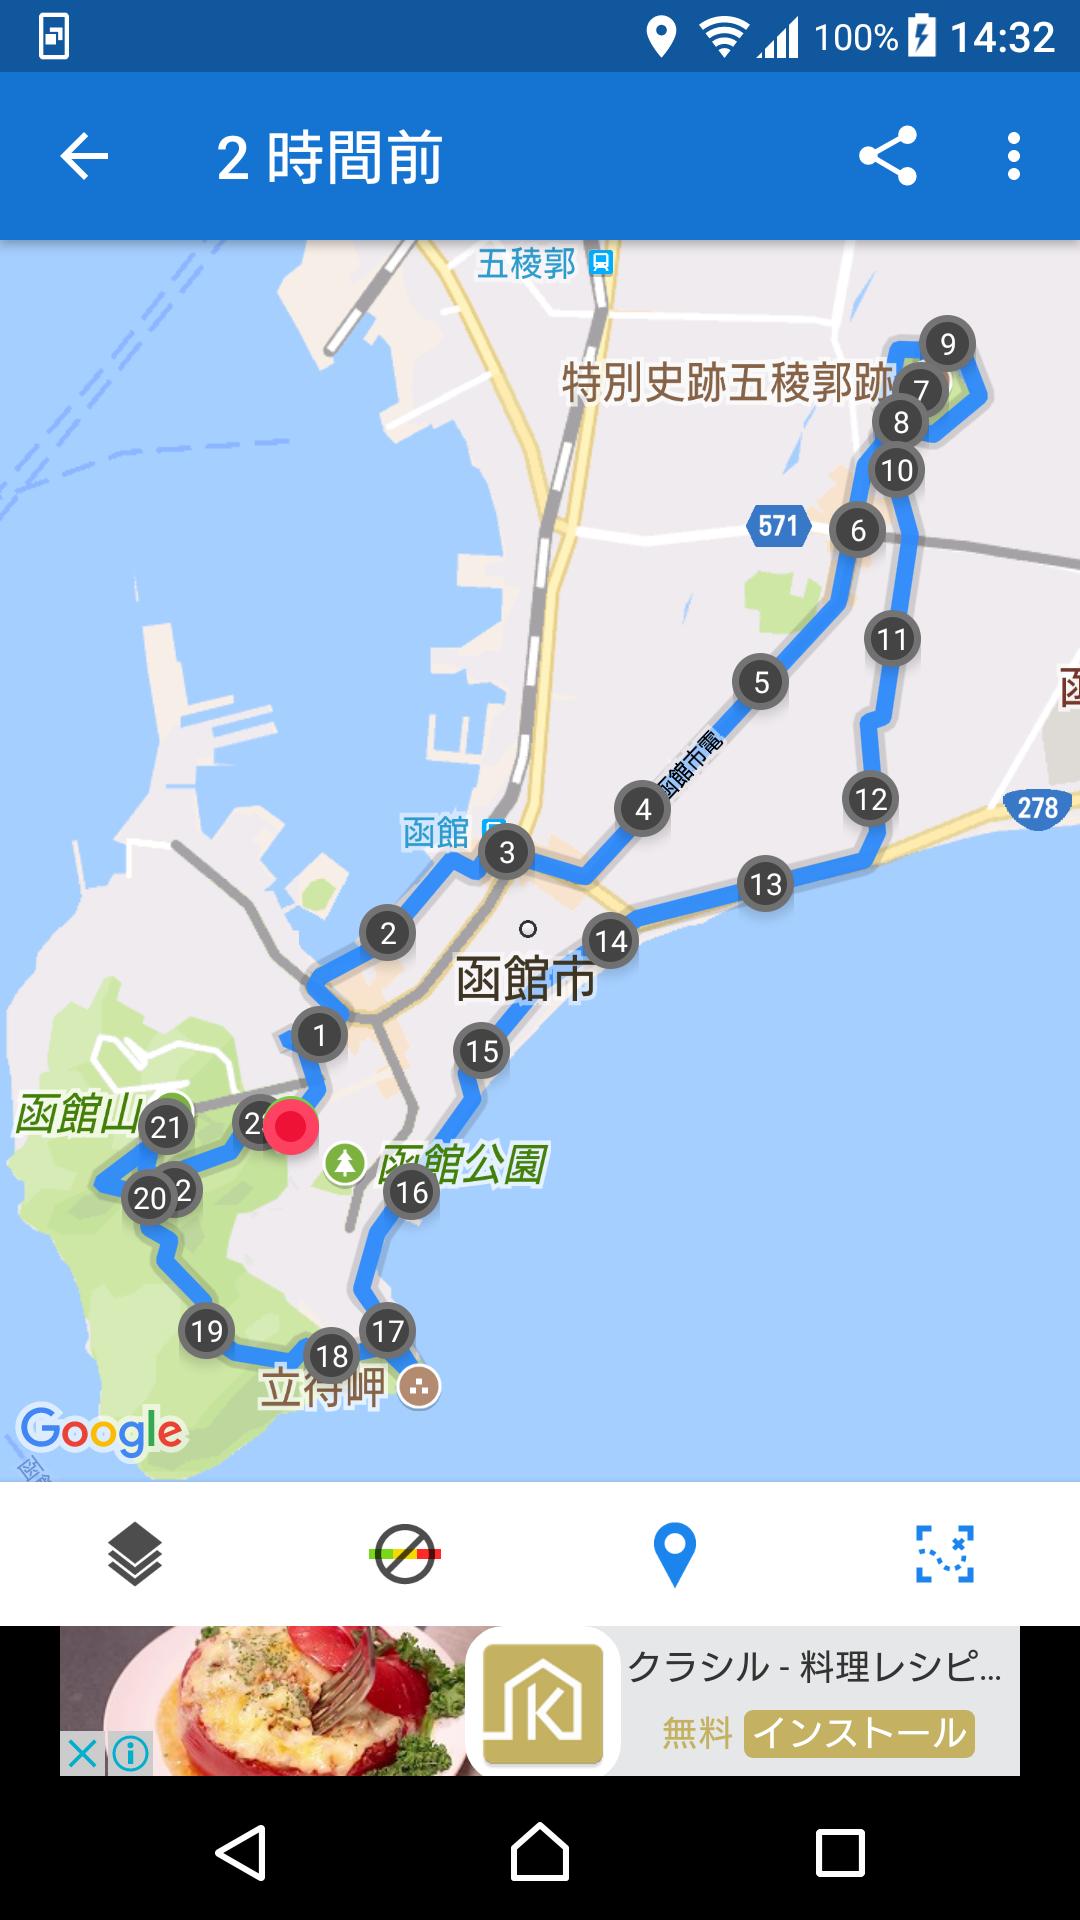 f:id:ynakayama27:20170702144625p:plain